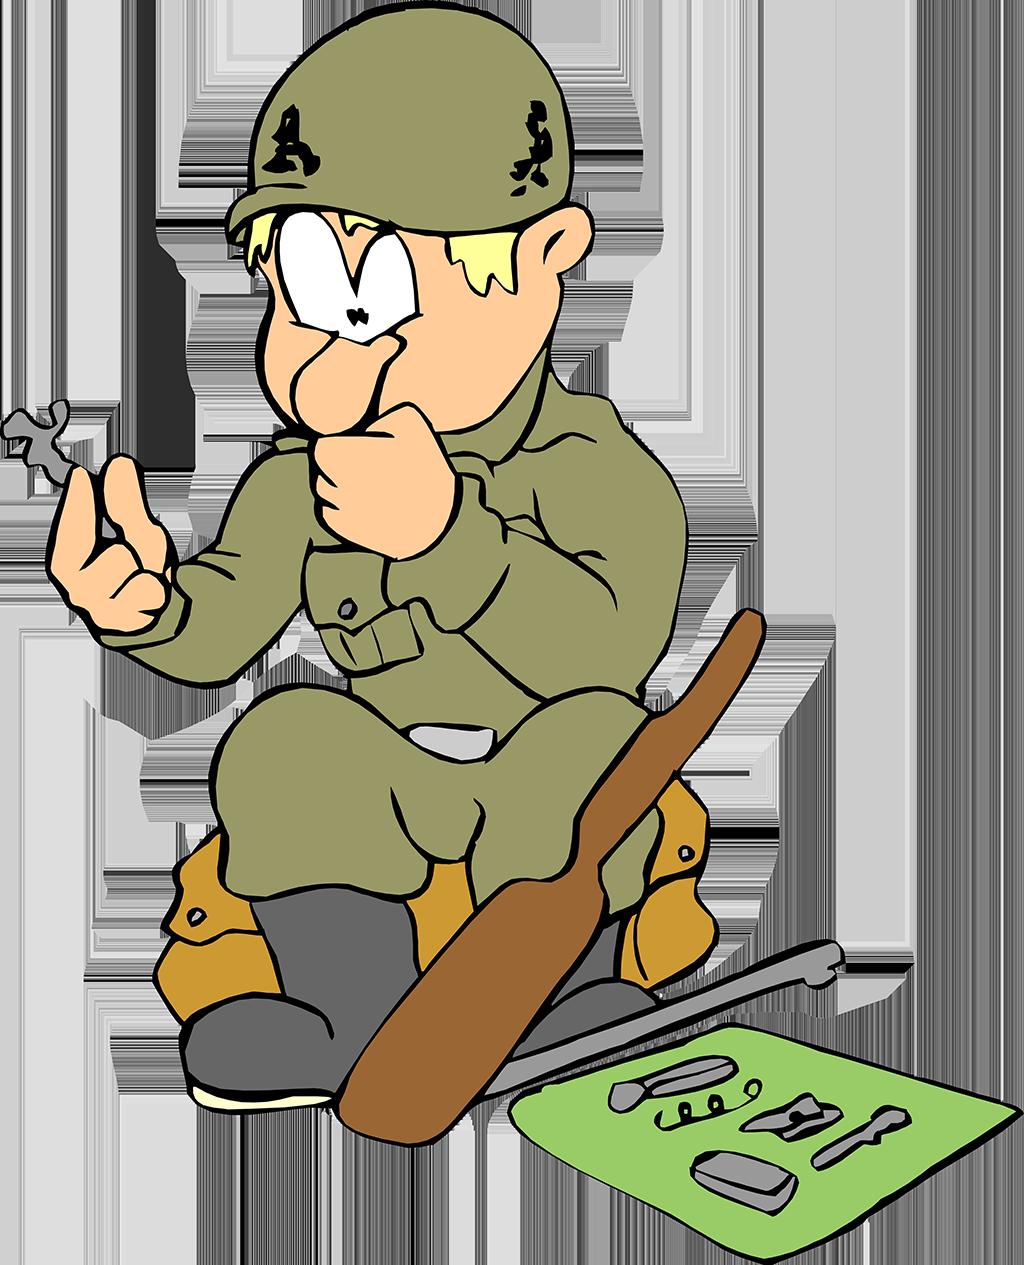 Анимационные картинки про армию веселые